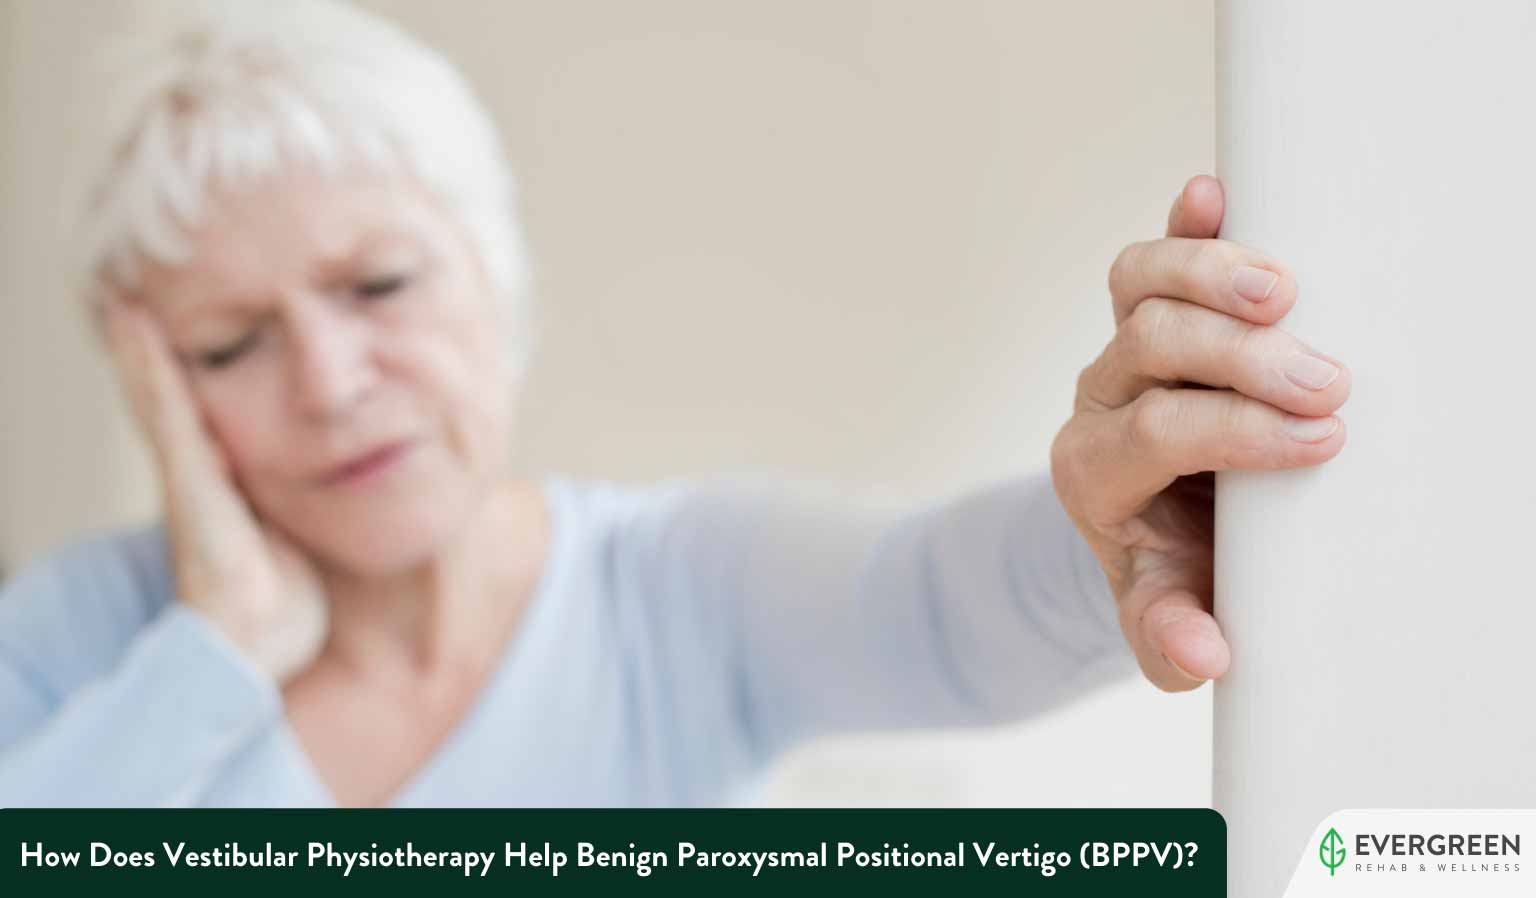 How Does Vestibular Physiotherapy Help Benign Paroxysmal Positional Vertigo (BPPV)?